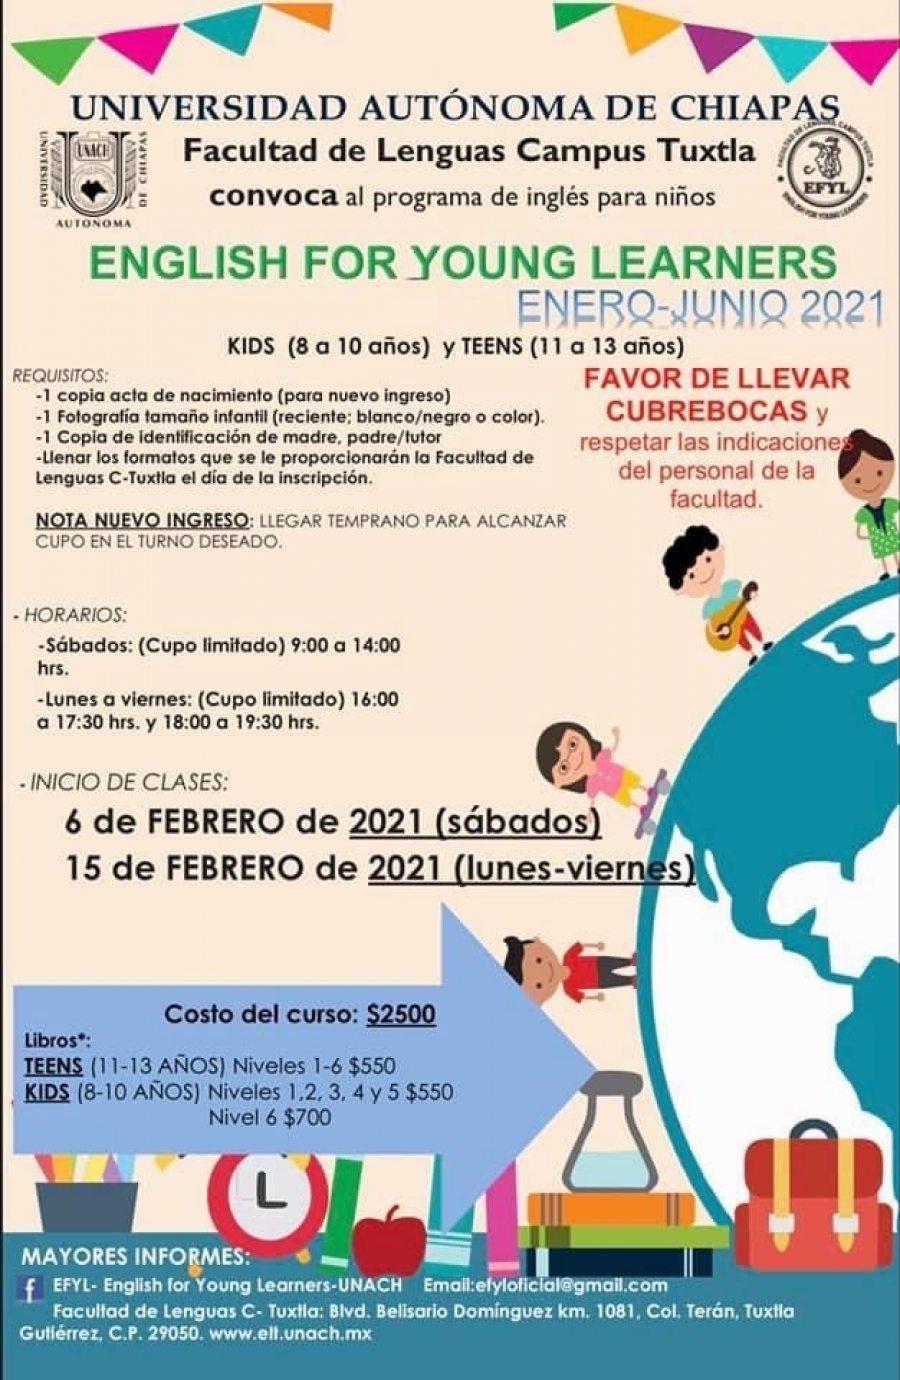 Lanza Facultad de Lenguas Tuxtla de la UNACH convocatoria para cursos de inglés para niños de 8 a 13 años